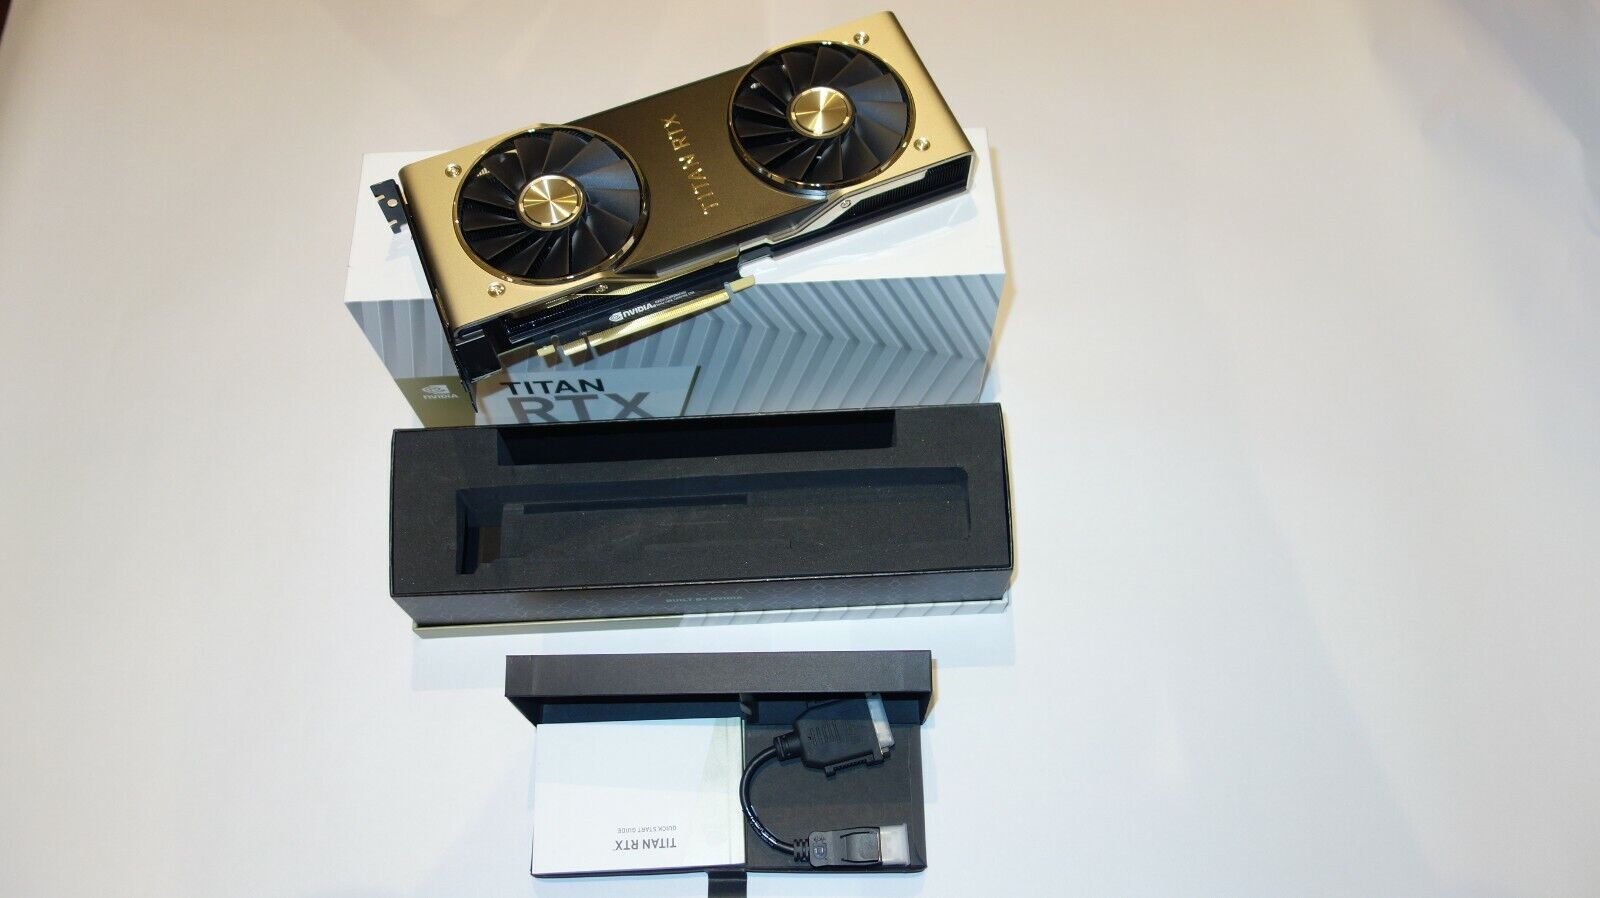 NVIDIA TITAN RTX Desktop GPU Grafikkarte 24GB, 3x DisplayPort, 1xHDMI, 1x USB-C